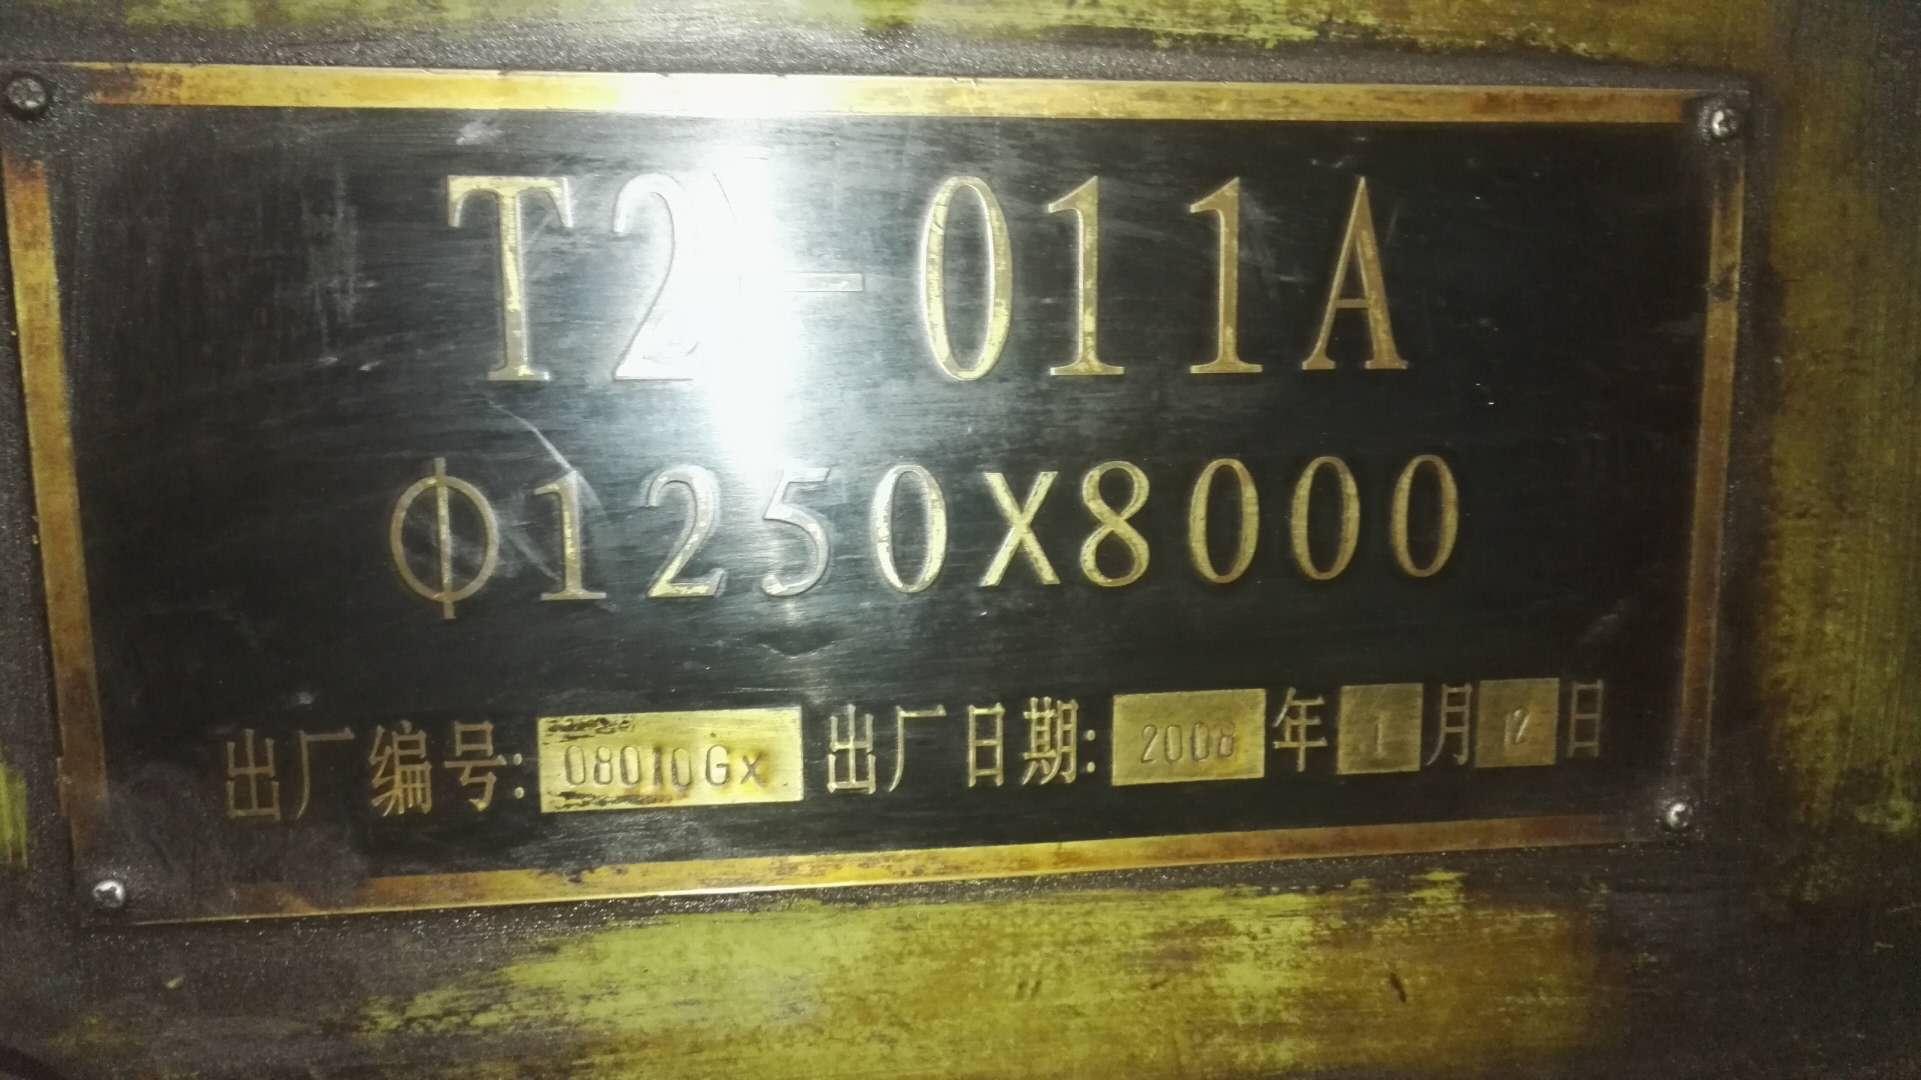 卧式车床T2-011A天津二机08年